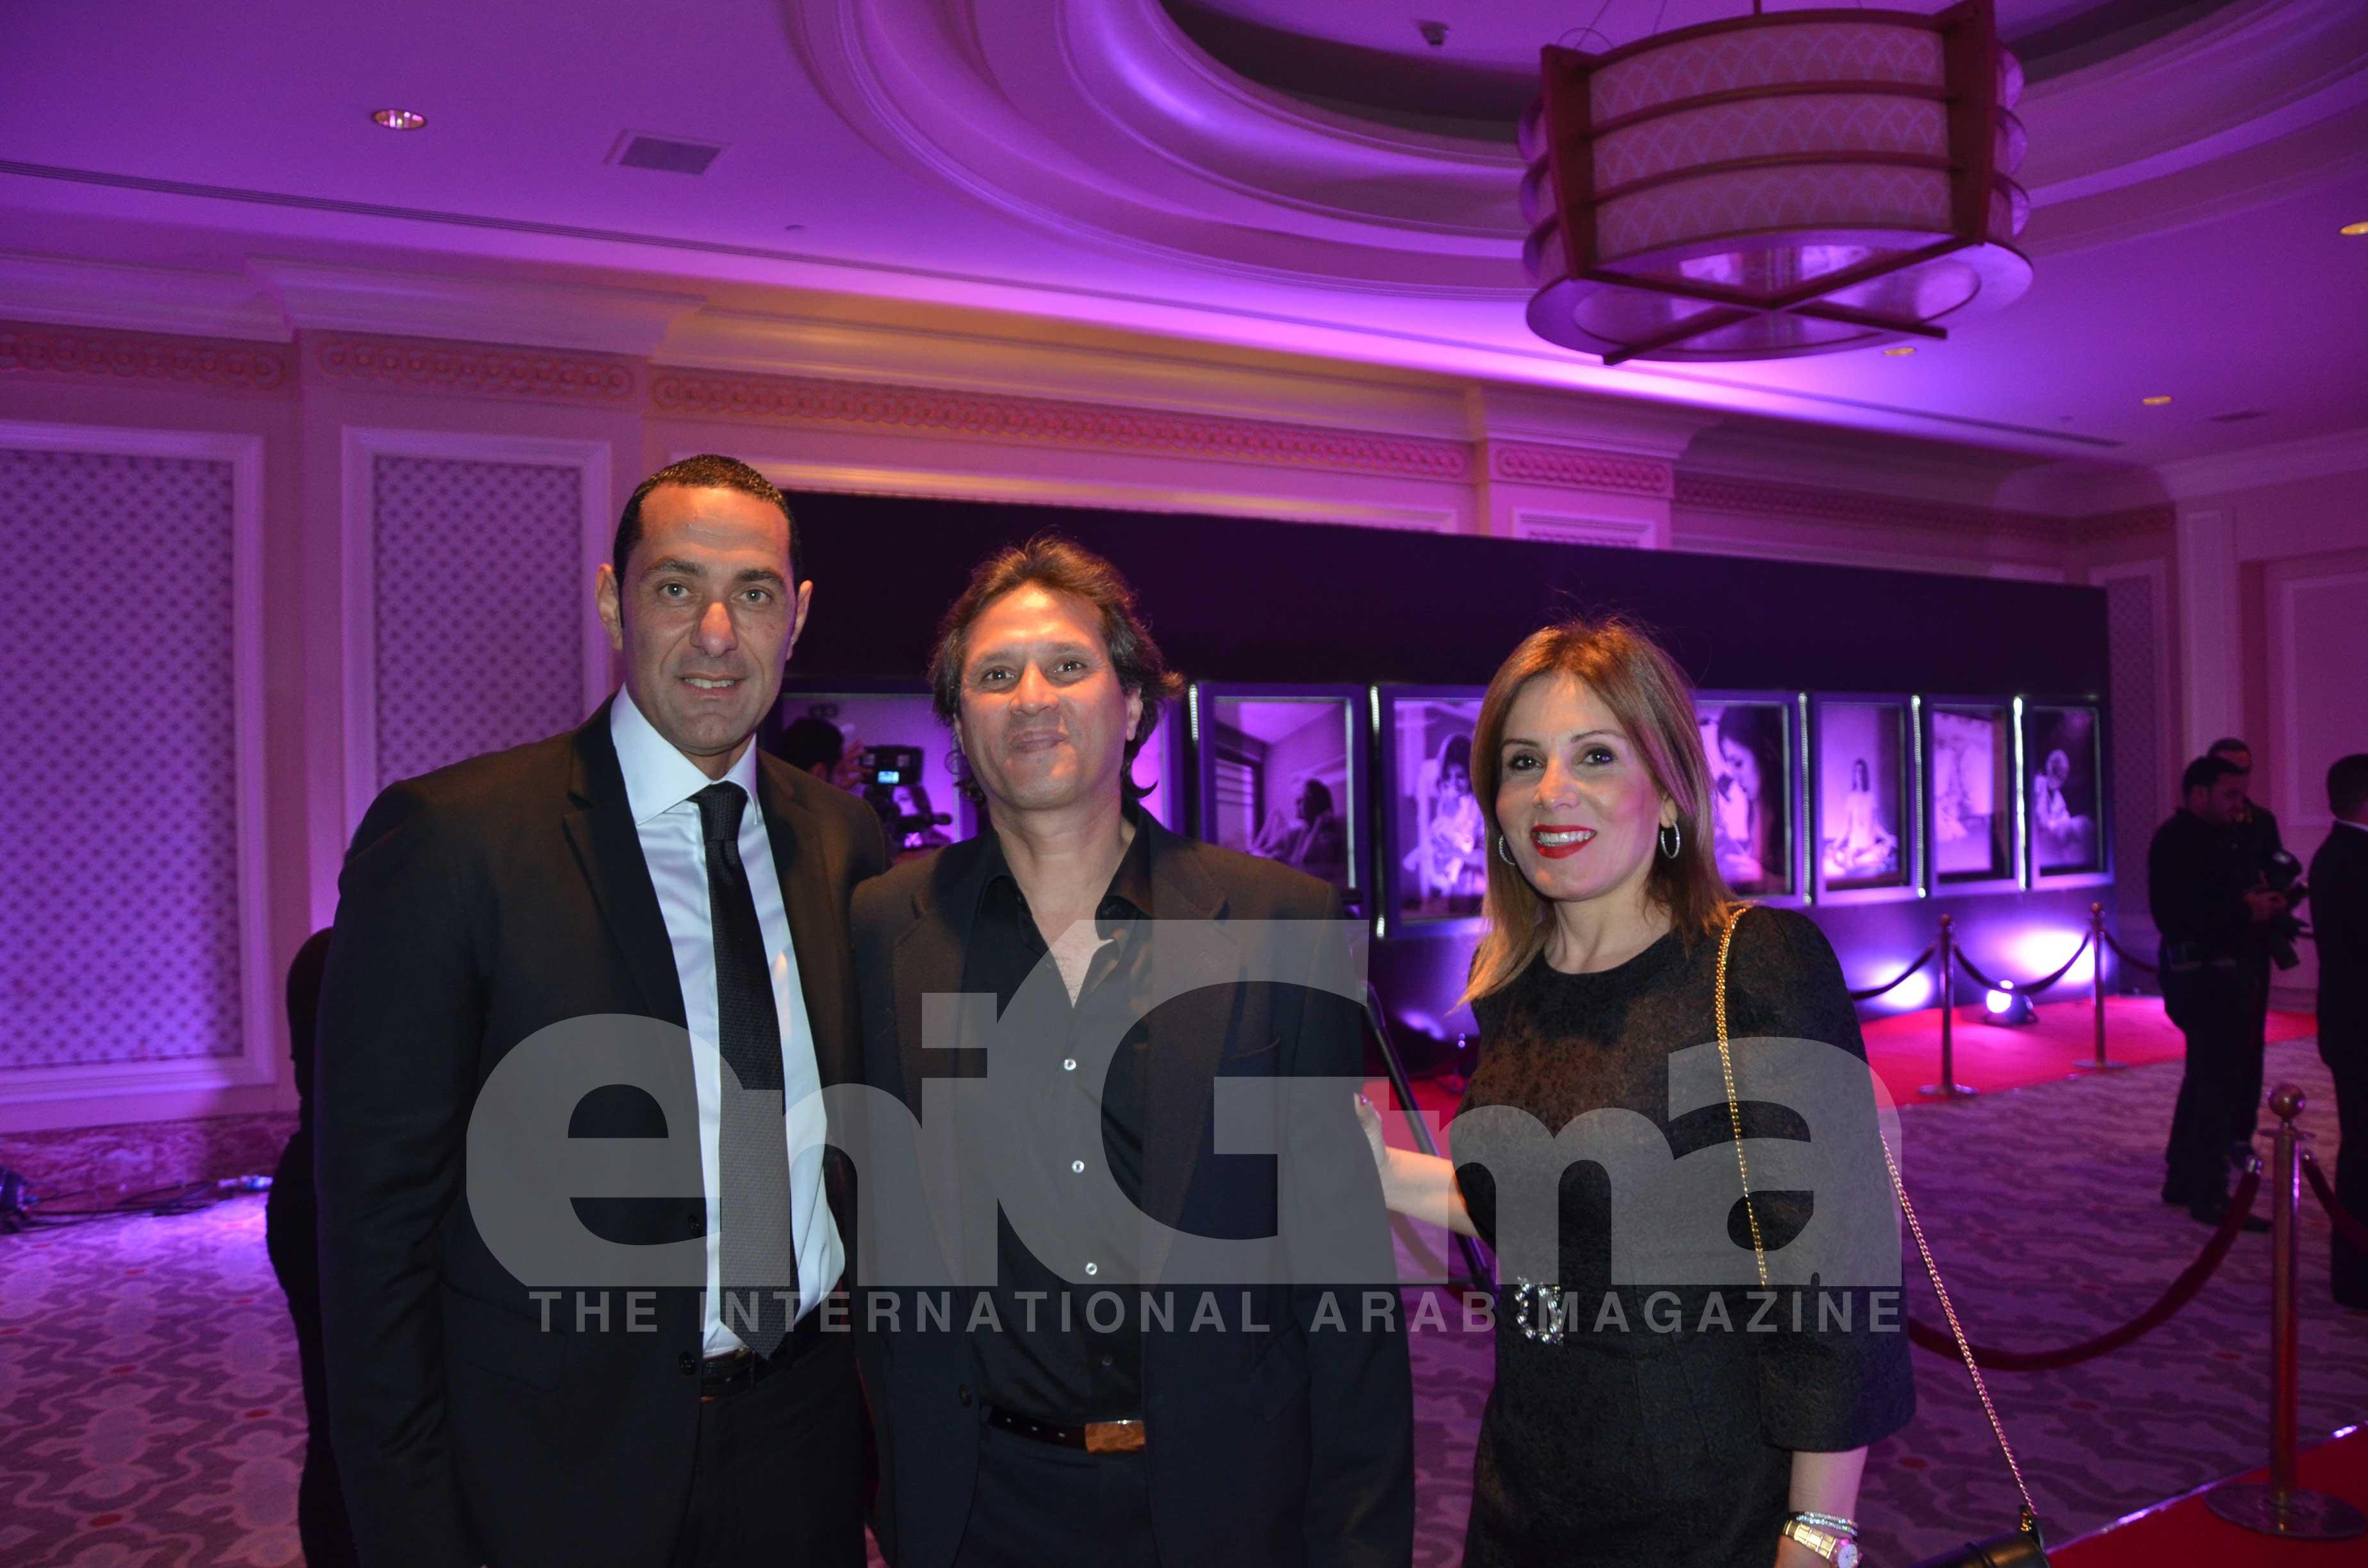 Dr. Akram El Adawy & Mr. and Mrs. Ahmed Zulfiqar